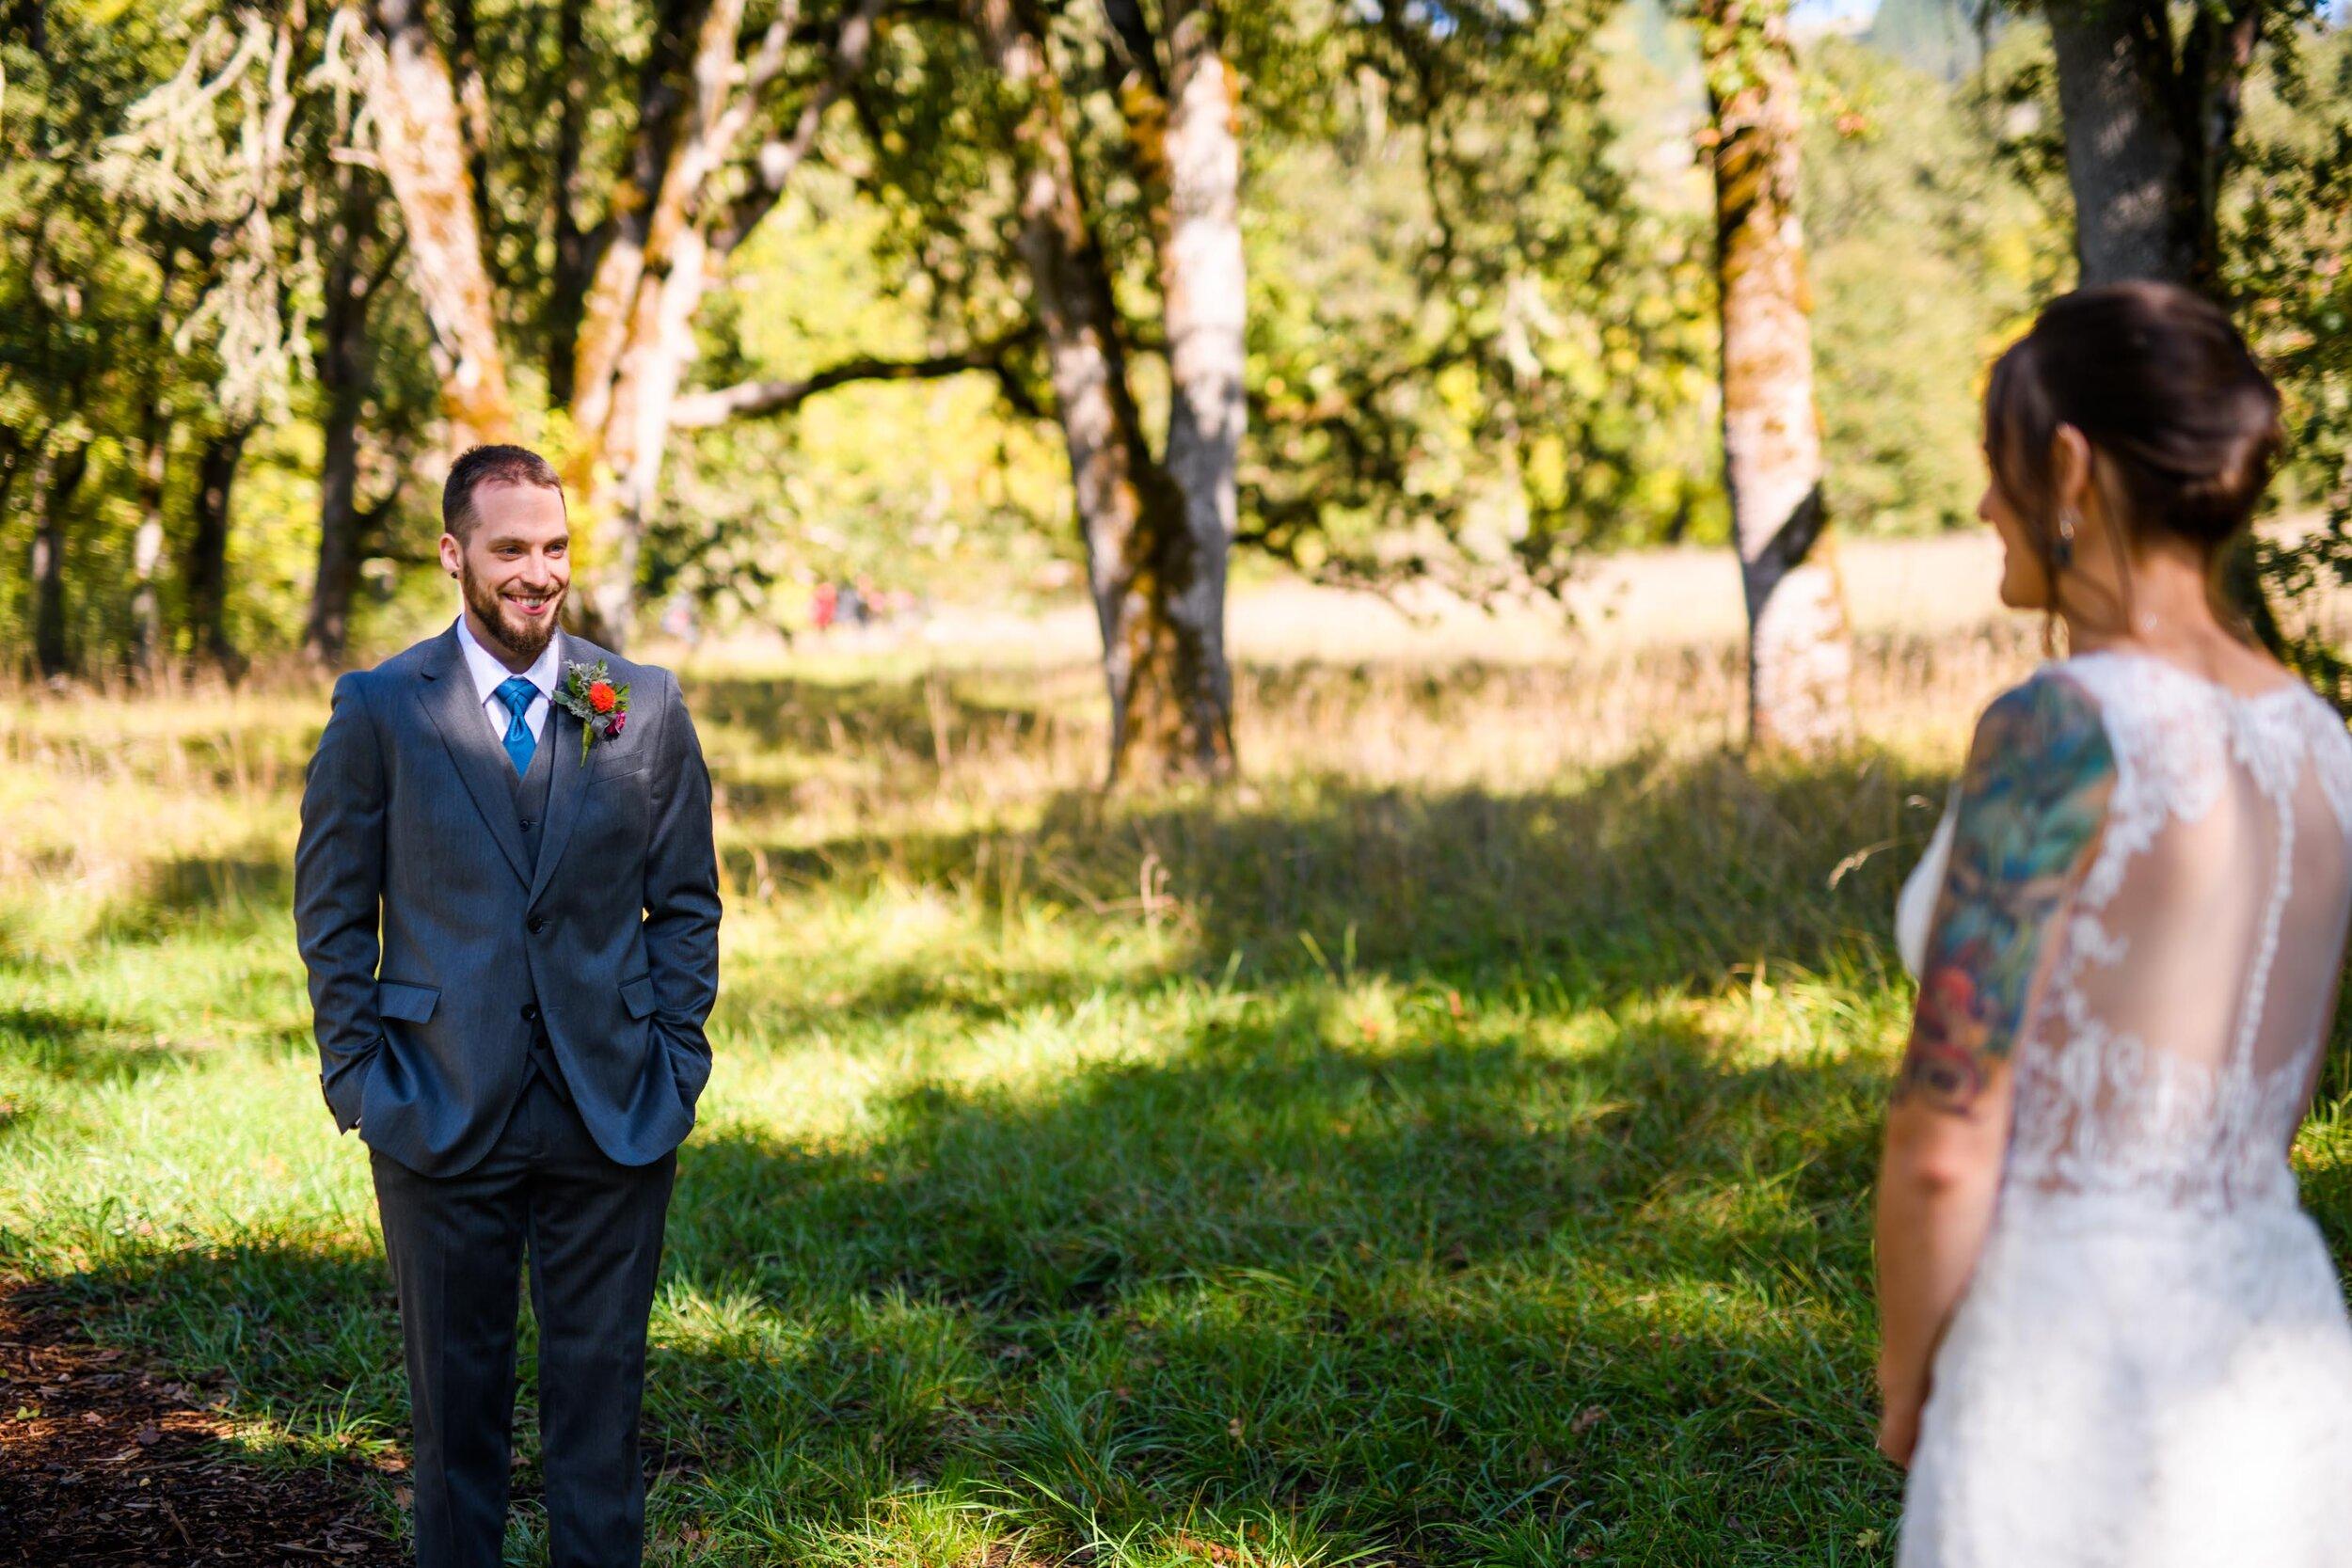 Mt. Pisgah Arboretum wedding photos 18.JPG